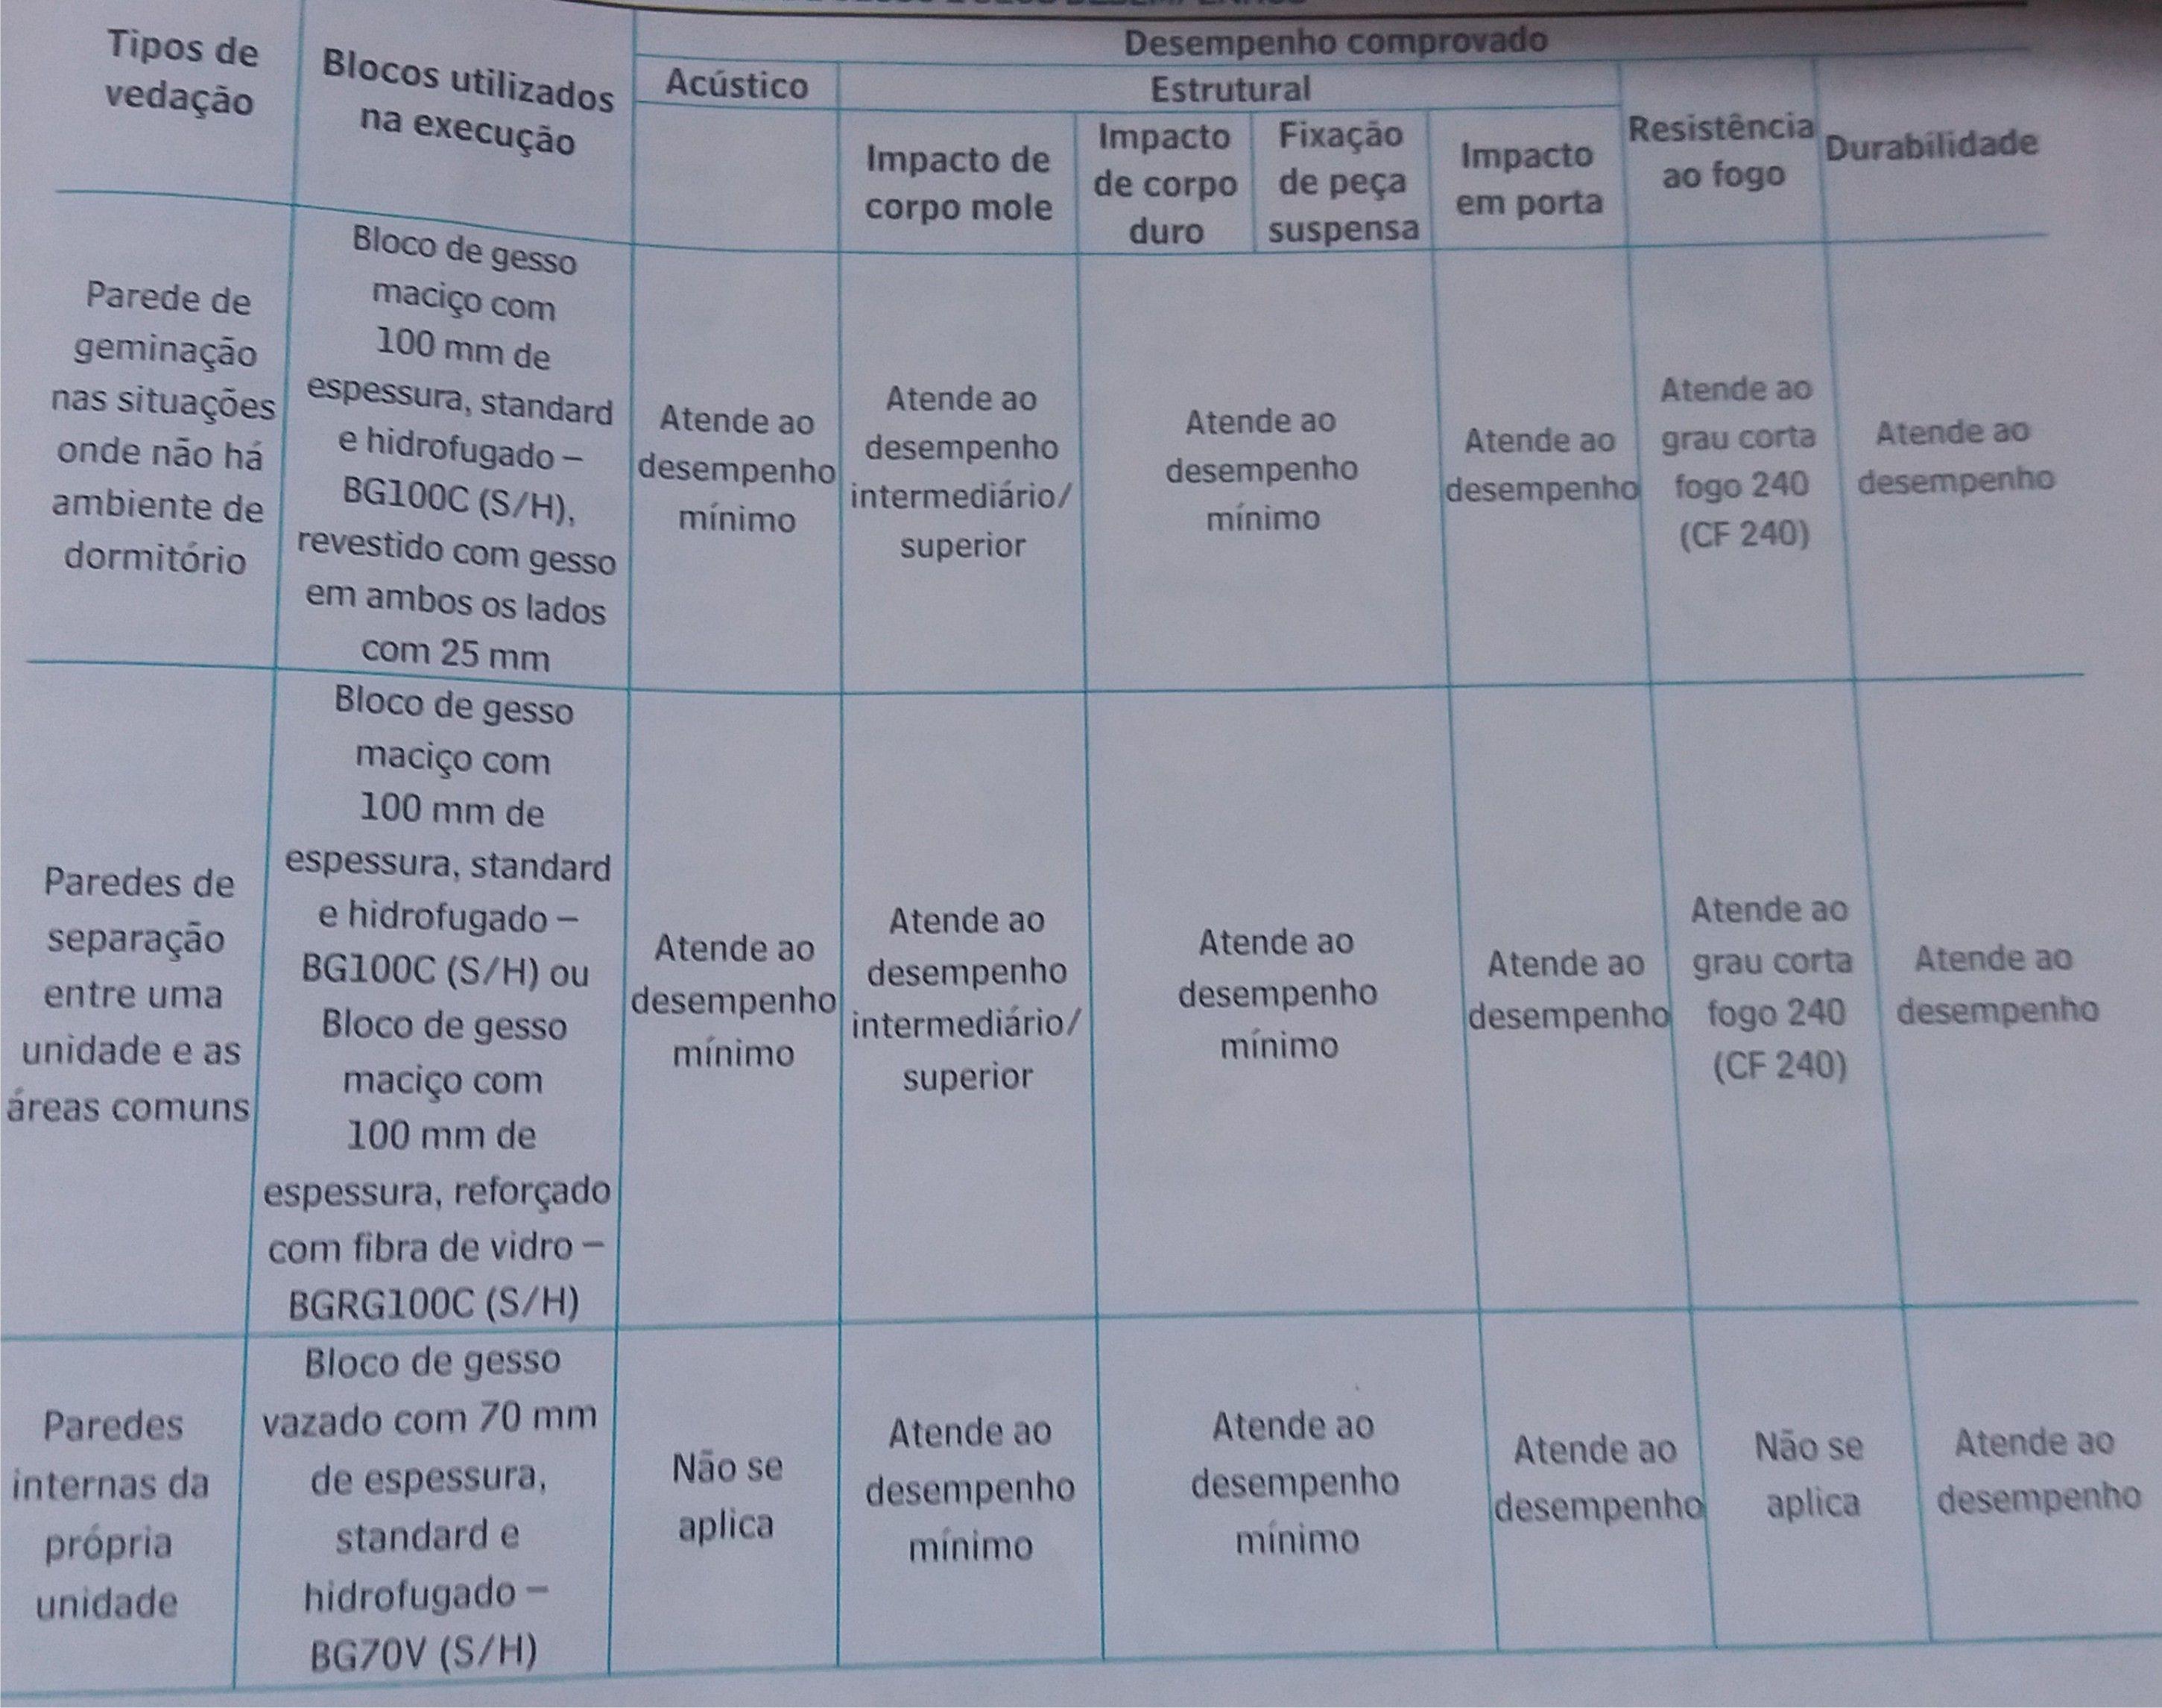 Tabela de vedações internas em blocos de gesso e seus desempenhos